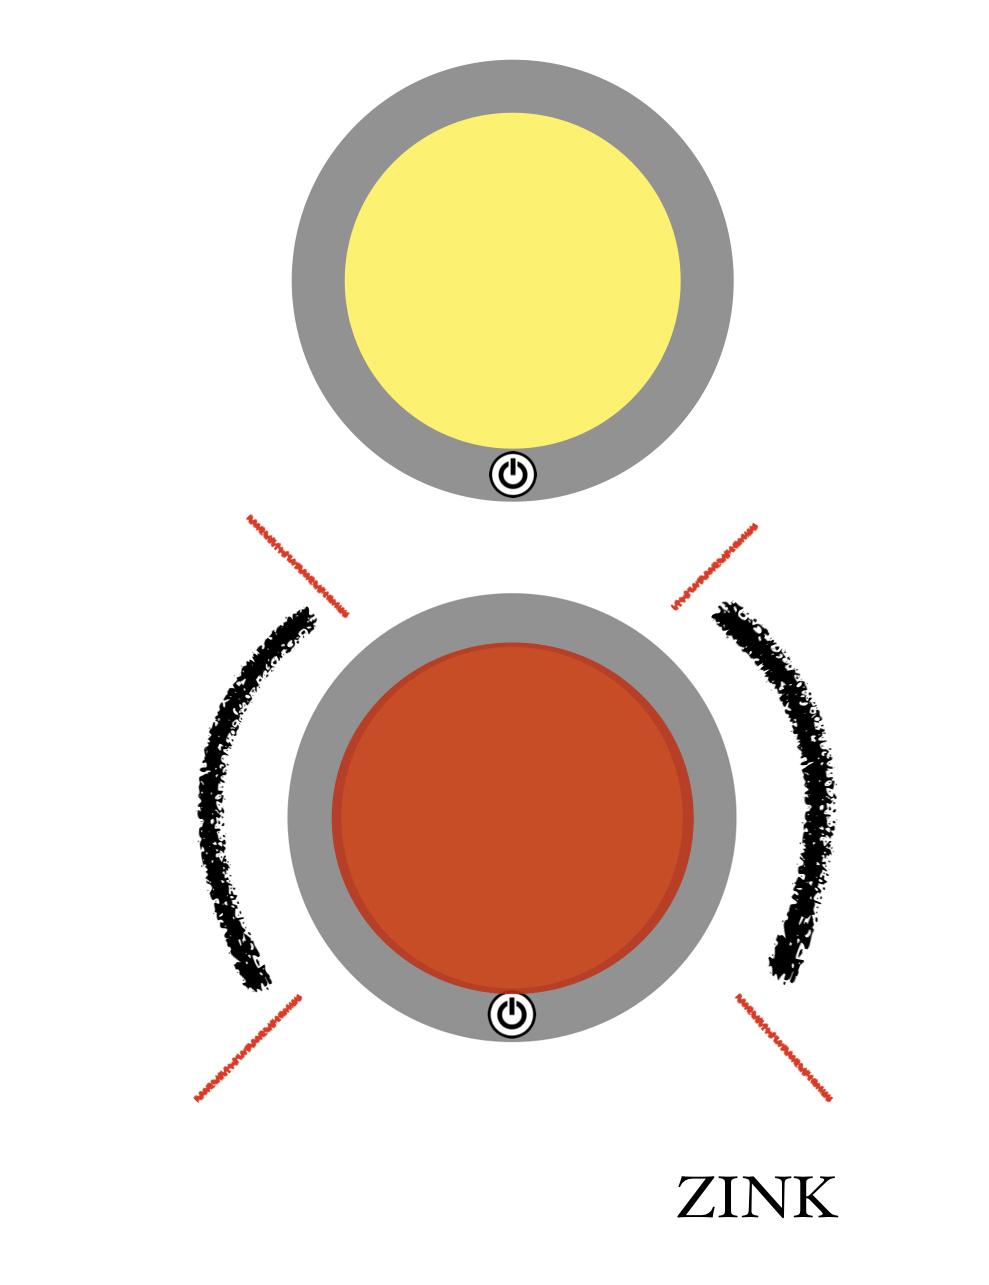 ZINK [2 Meter Sensor]